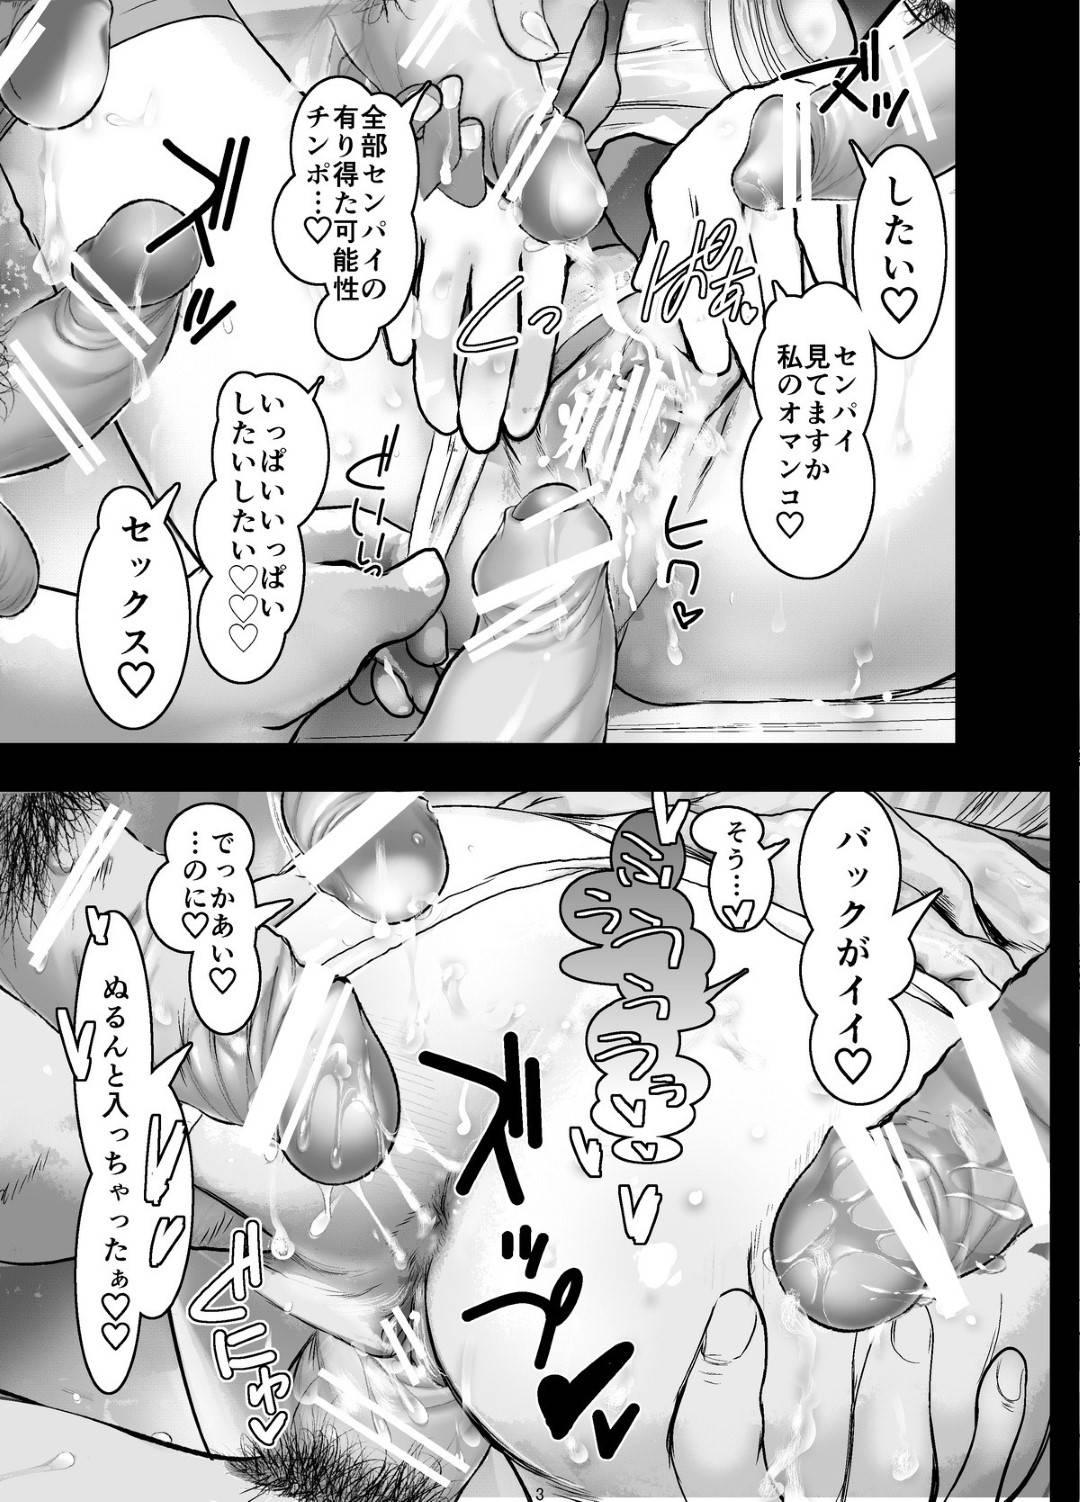 【Fate/Grand Orderエロ漫画】男の目の前に現れたBBは、男の動きを制御し肉バイブとして犯す。だが、魔力覚醒した男に立場逆転され、BBは分身した男に輪姦セックスされ肉便器にされる【来鈍/椎茸宮どんこ】